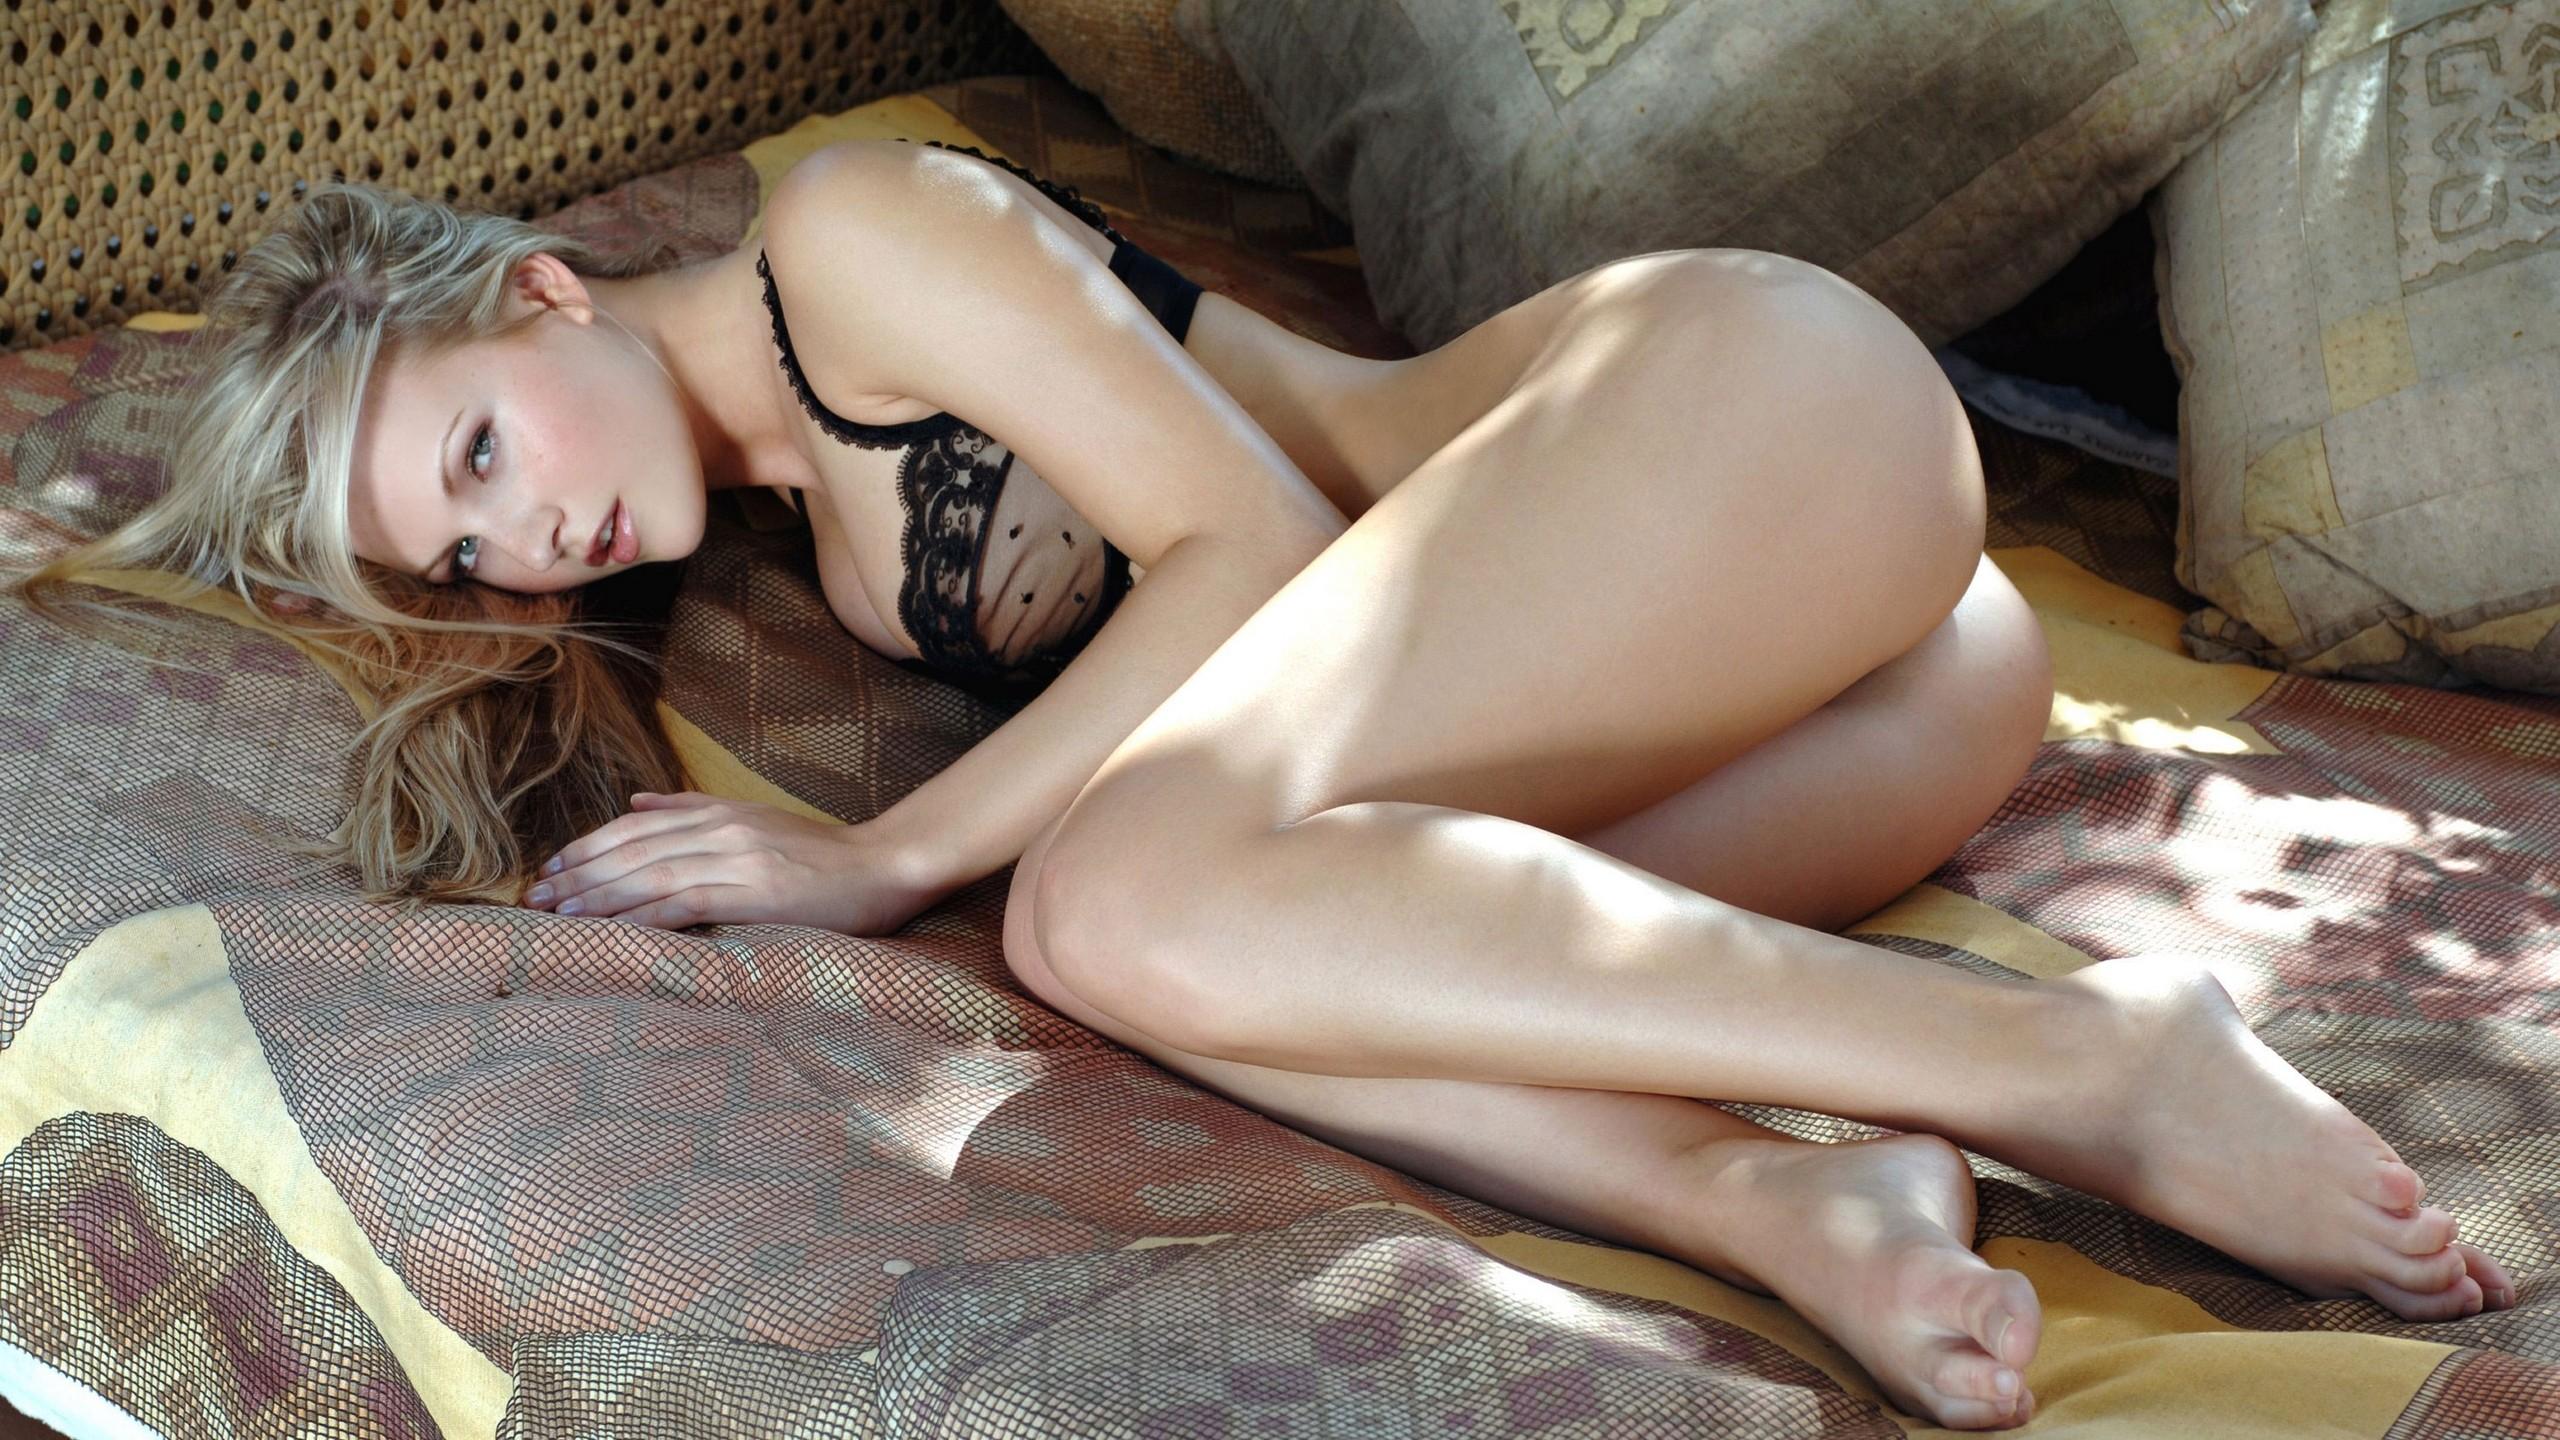 Секси девушки волгограда 13 фотография